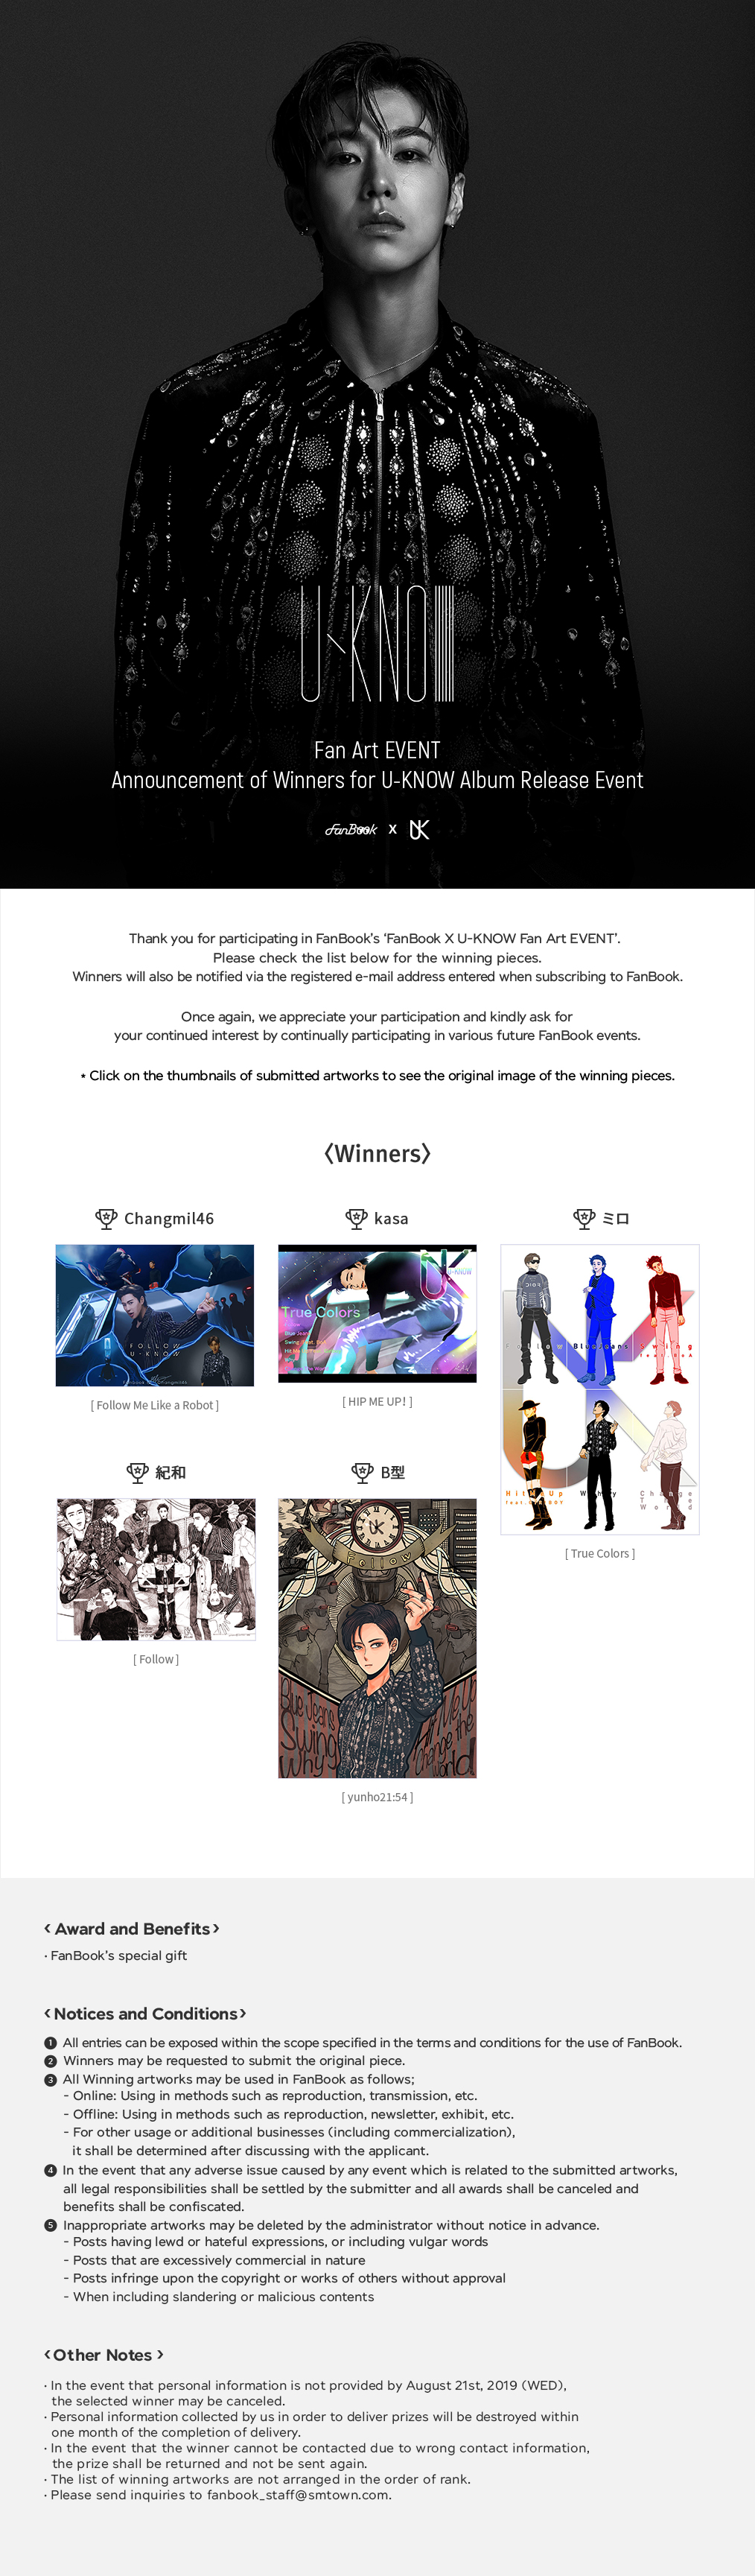 FanBook X UKNOW Fan Art EVENT